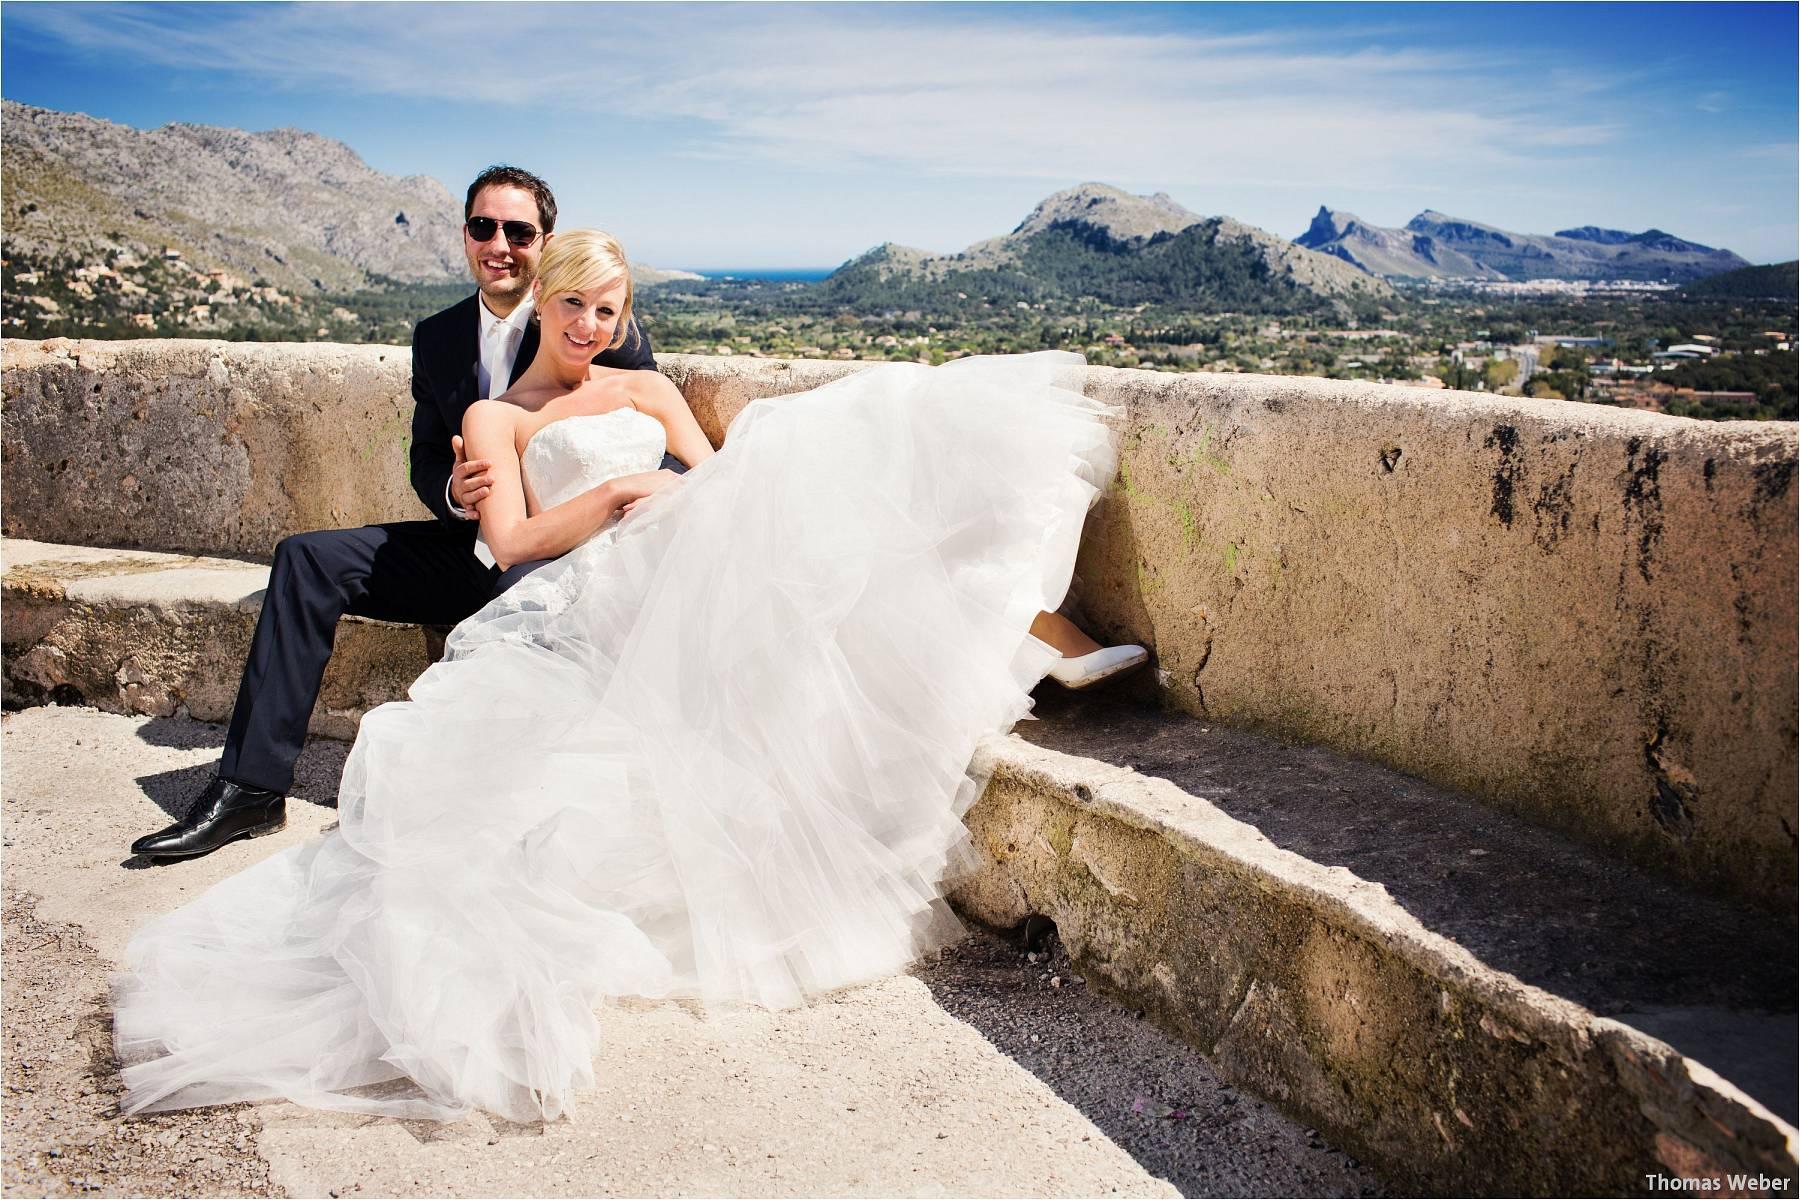 Hochzeitsfotograf Mallorca: Hochzeitsportraits beim After Wedding Shooting auf Mallorca (6)